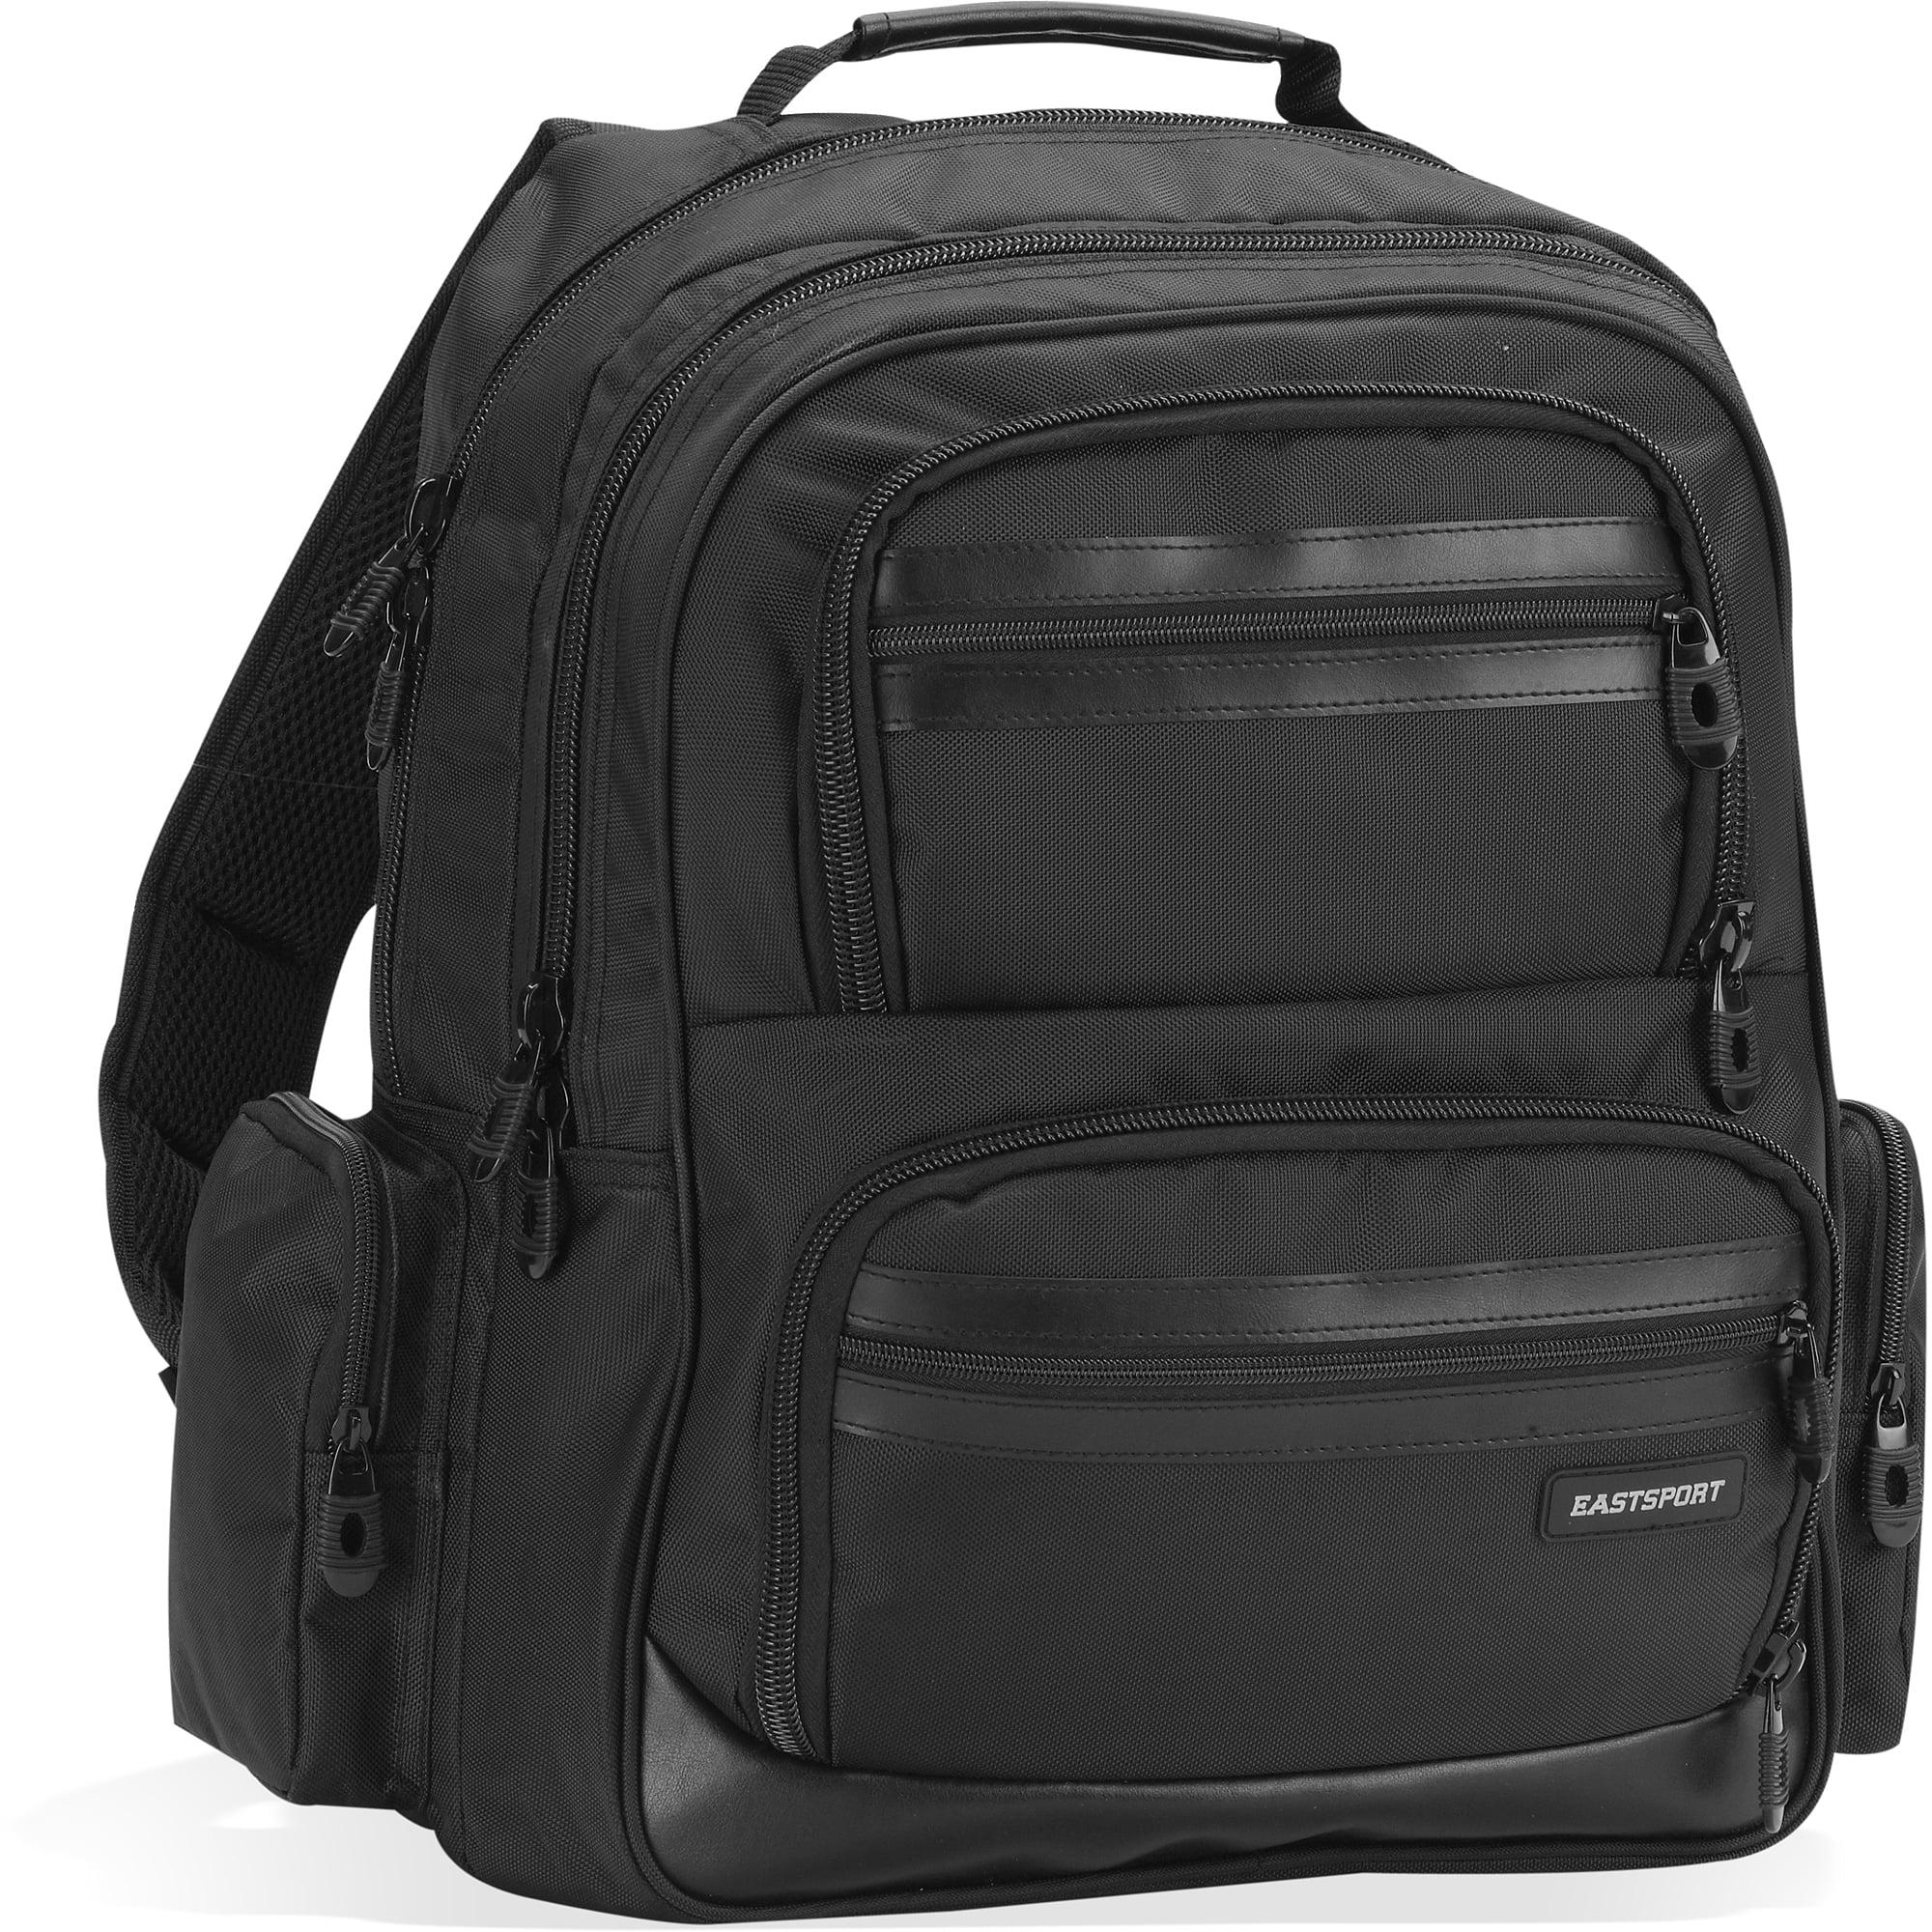 Eastsport Laptop Backpack